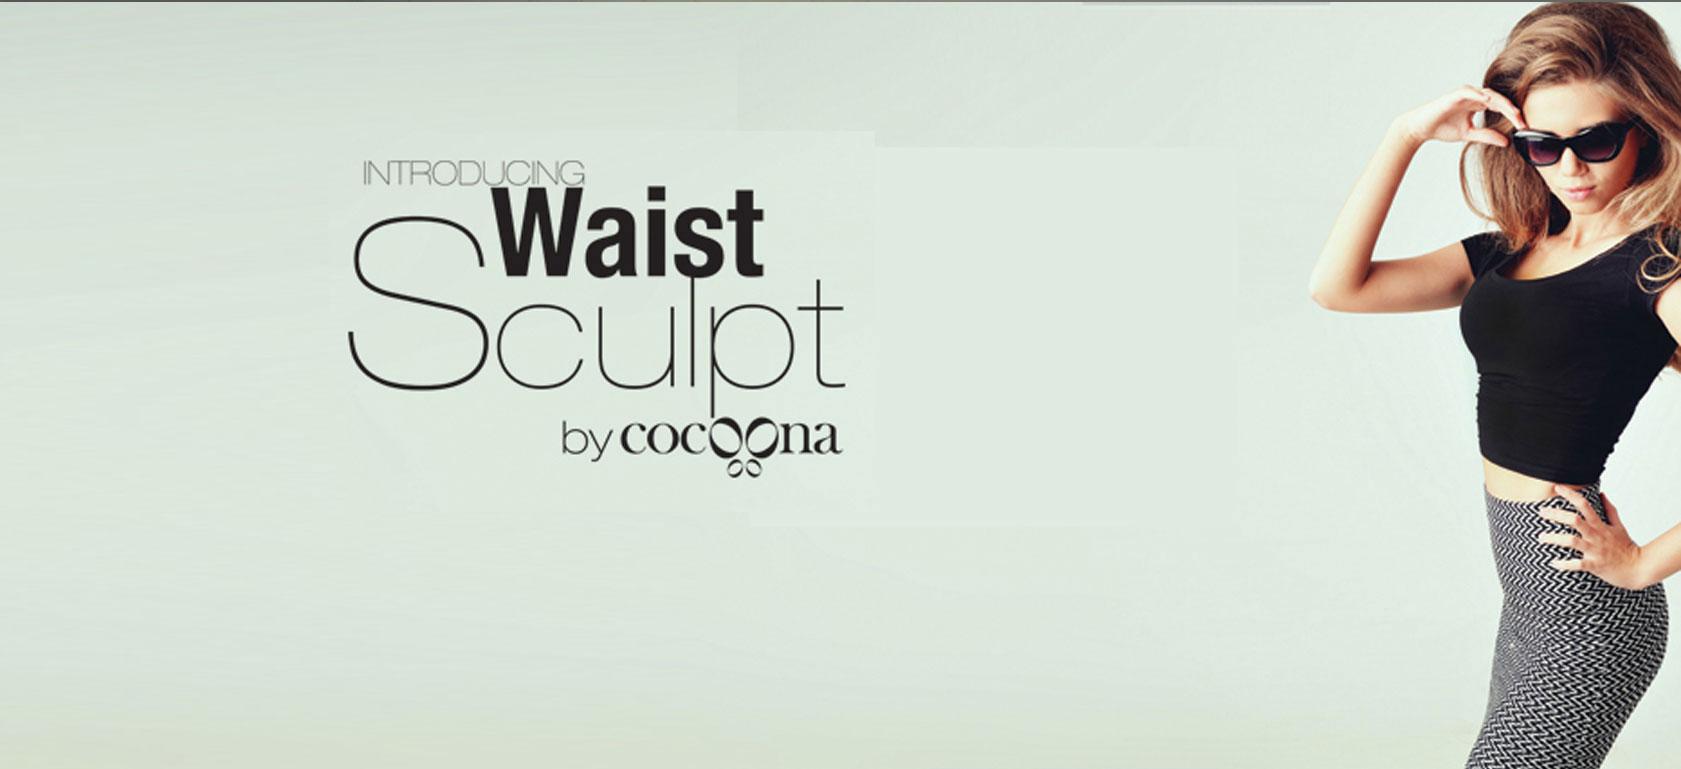 waist-sculpt